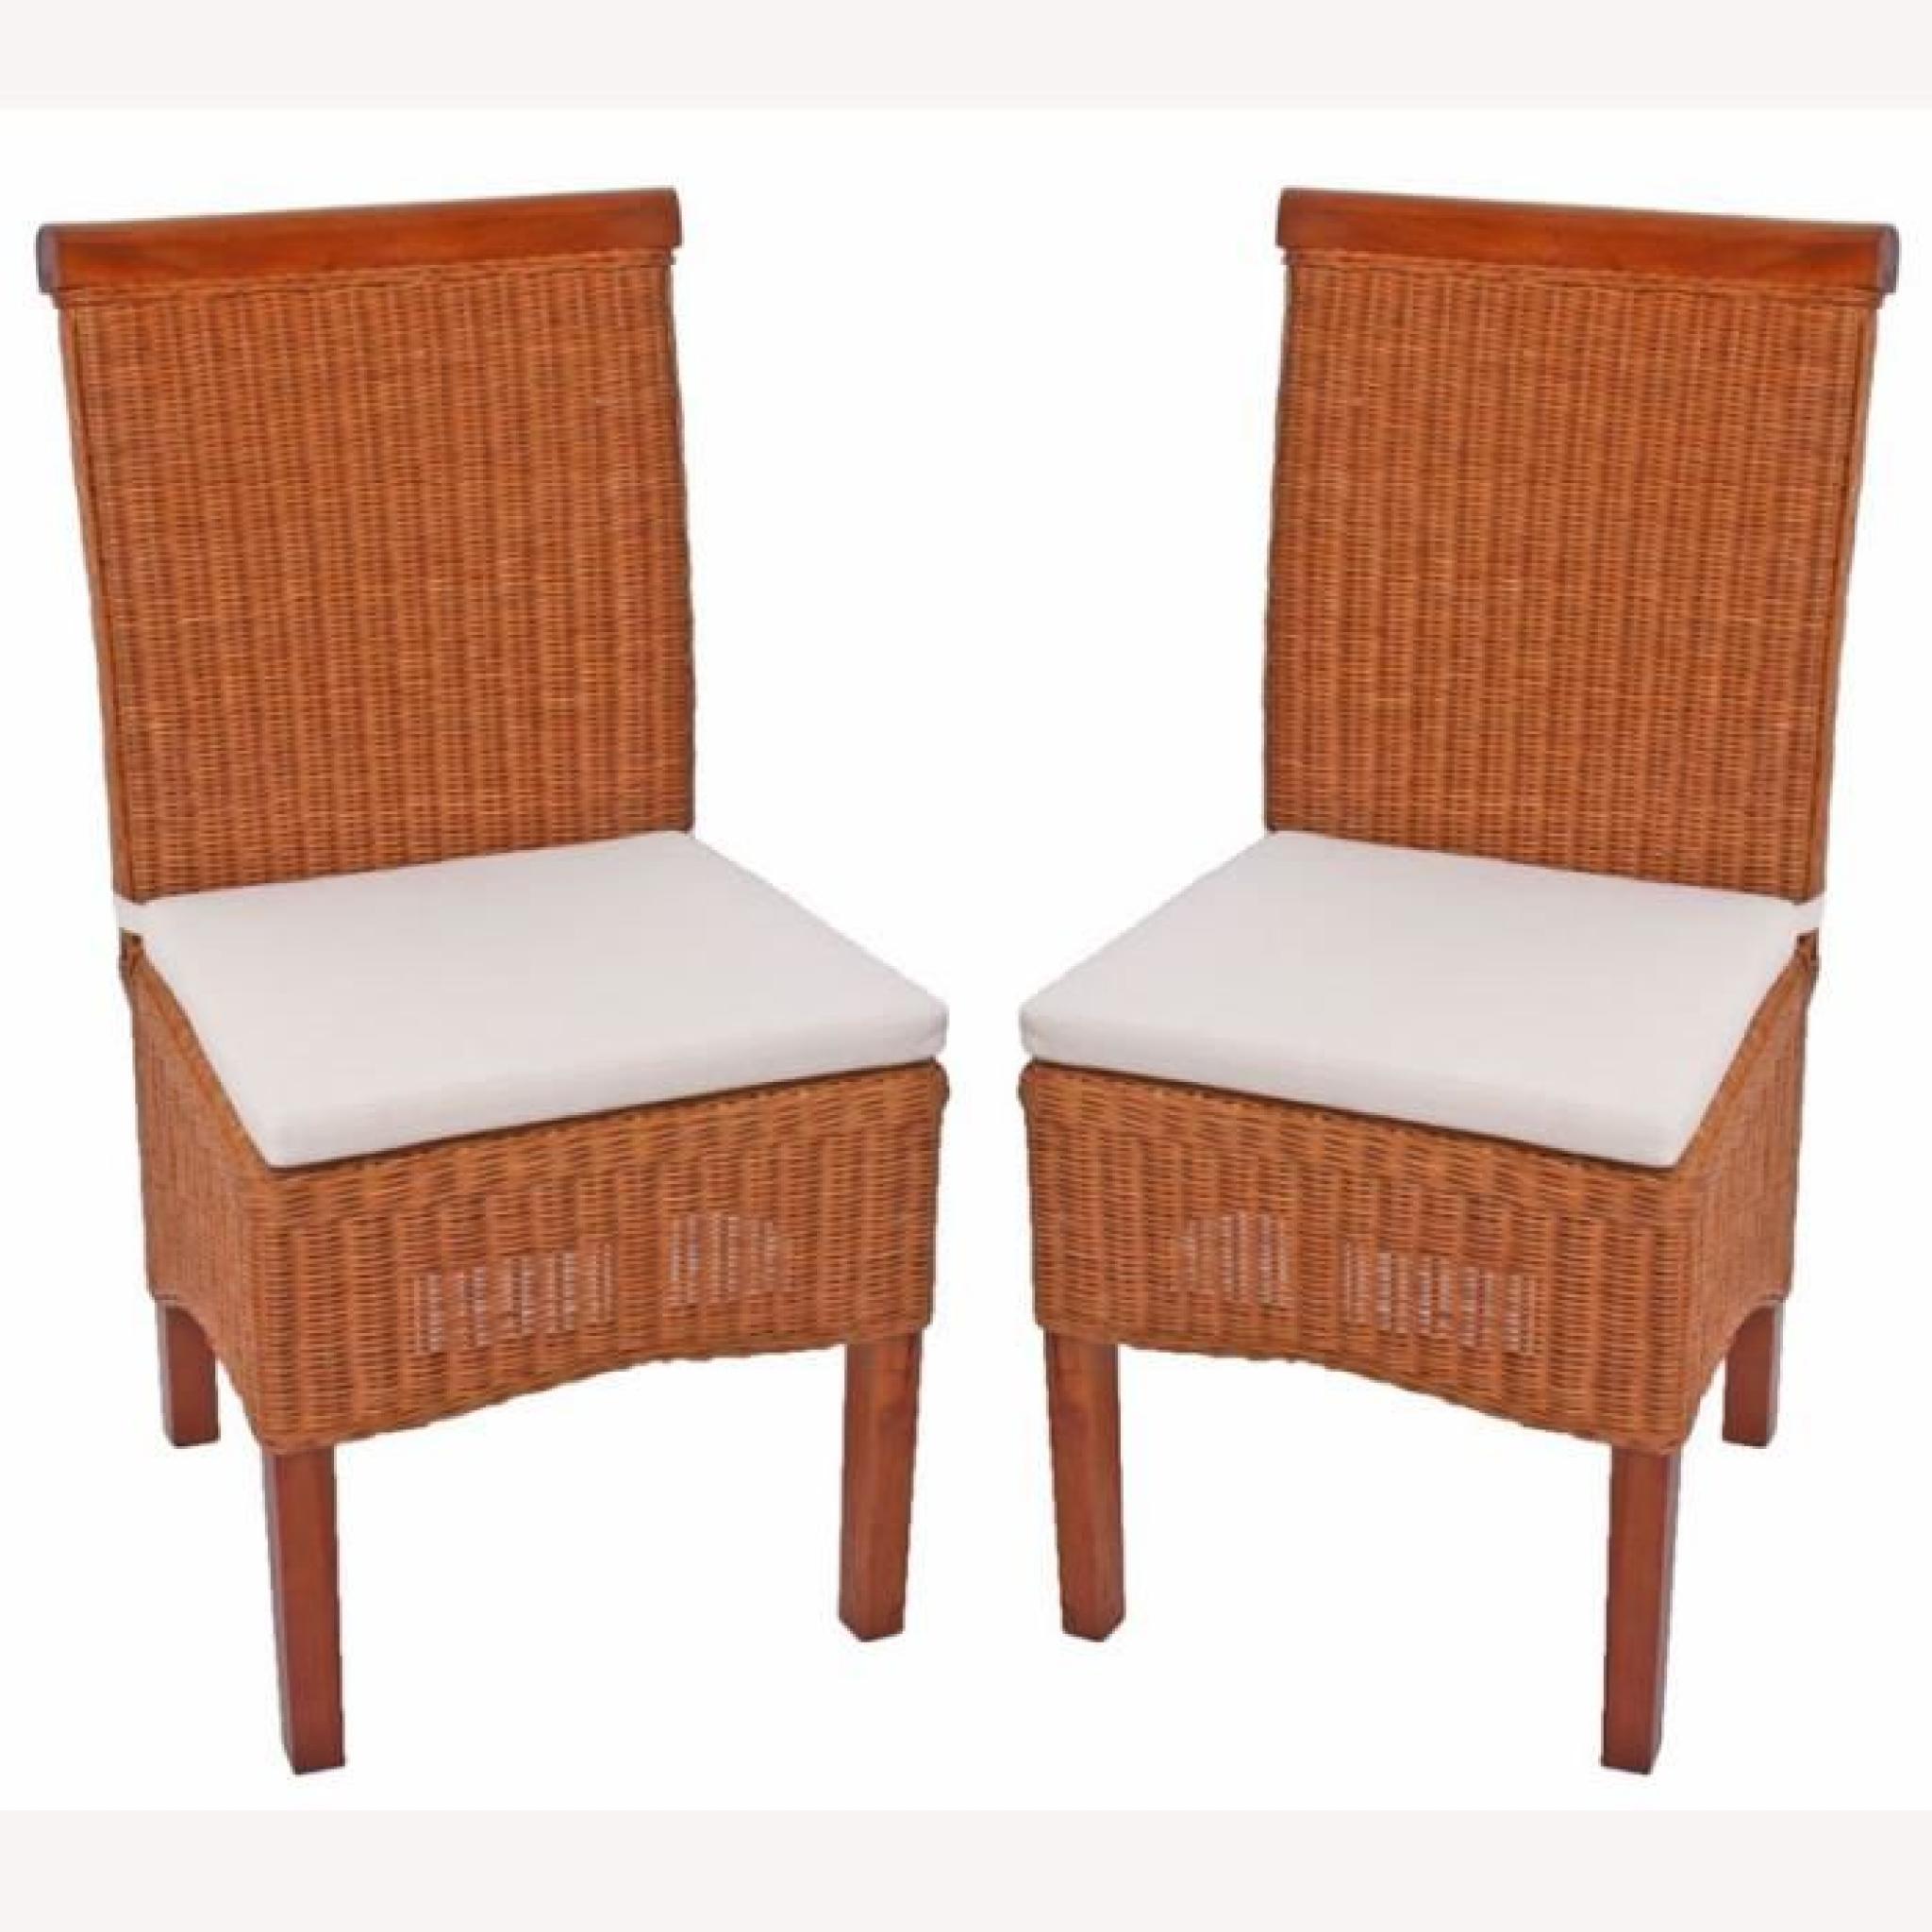 Lot de 2 chaises m42 salle manger rotin bois 46x50x96cm Chaise de salle a manger en rotin pas cher